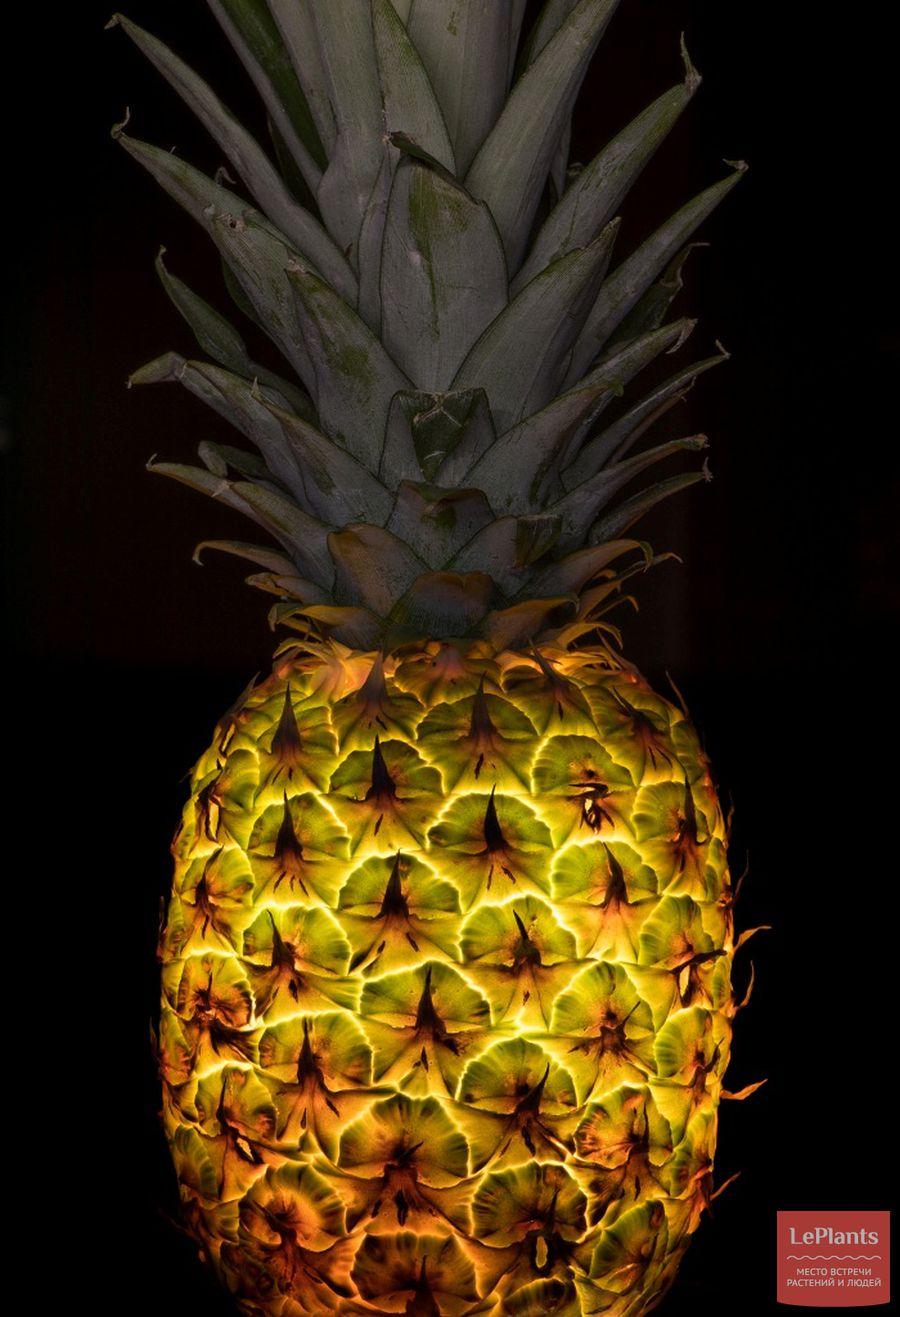 дробь представляет необычные фото обычных фруктов уголок особый